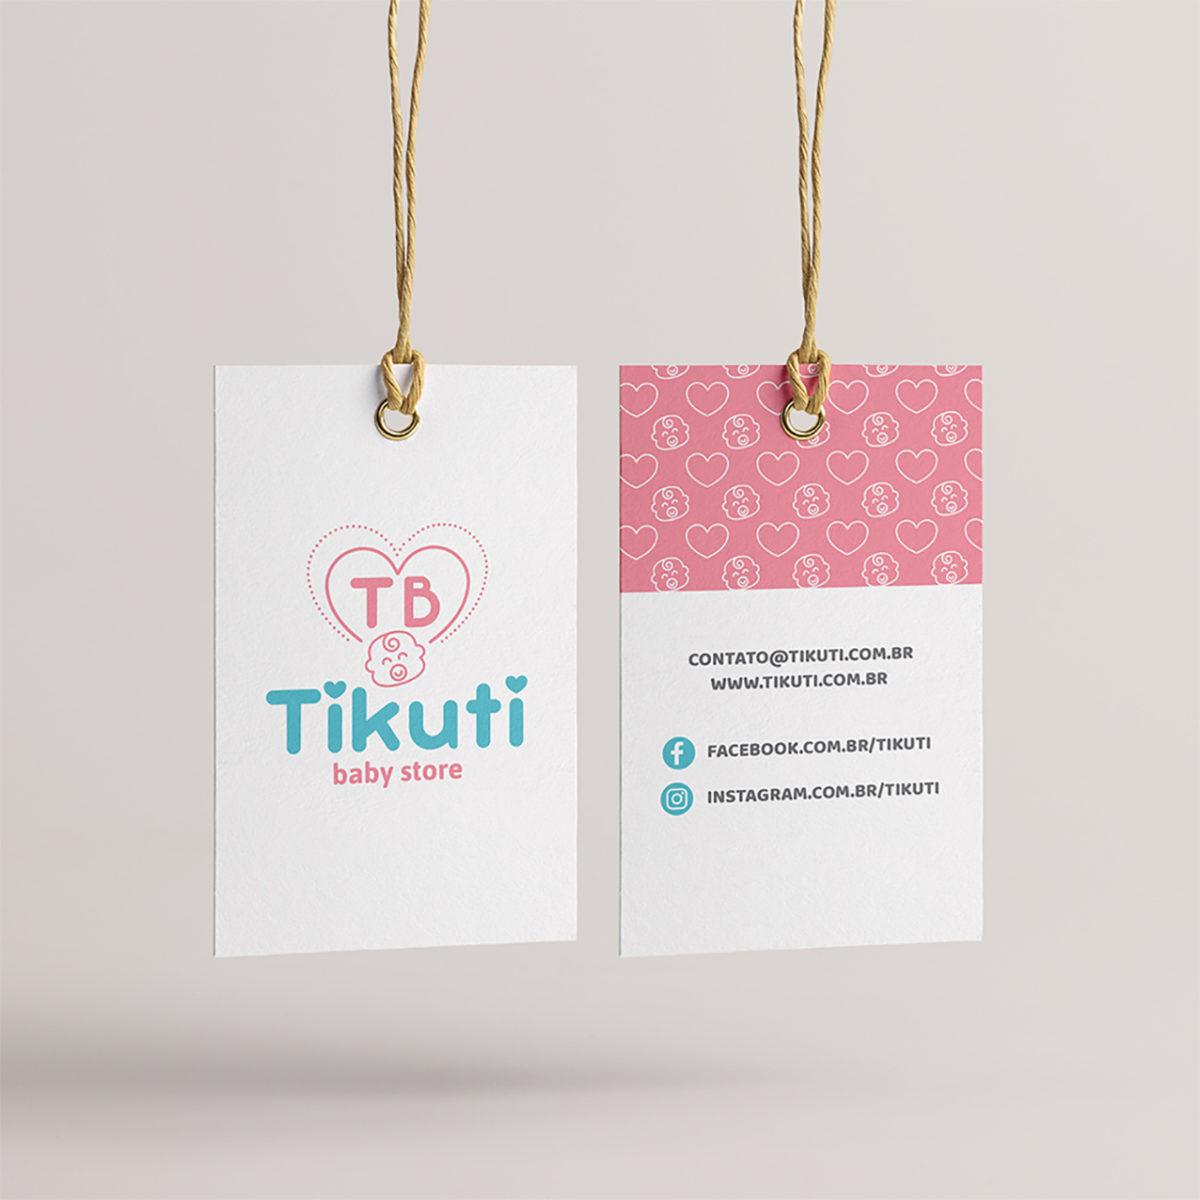 Tikuti_favourite